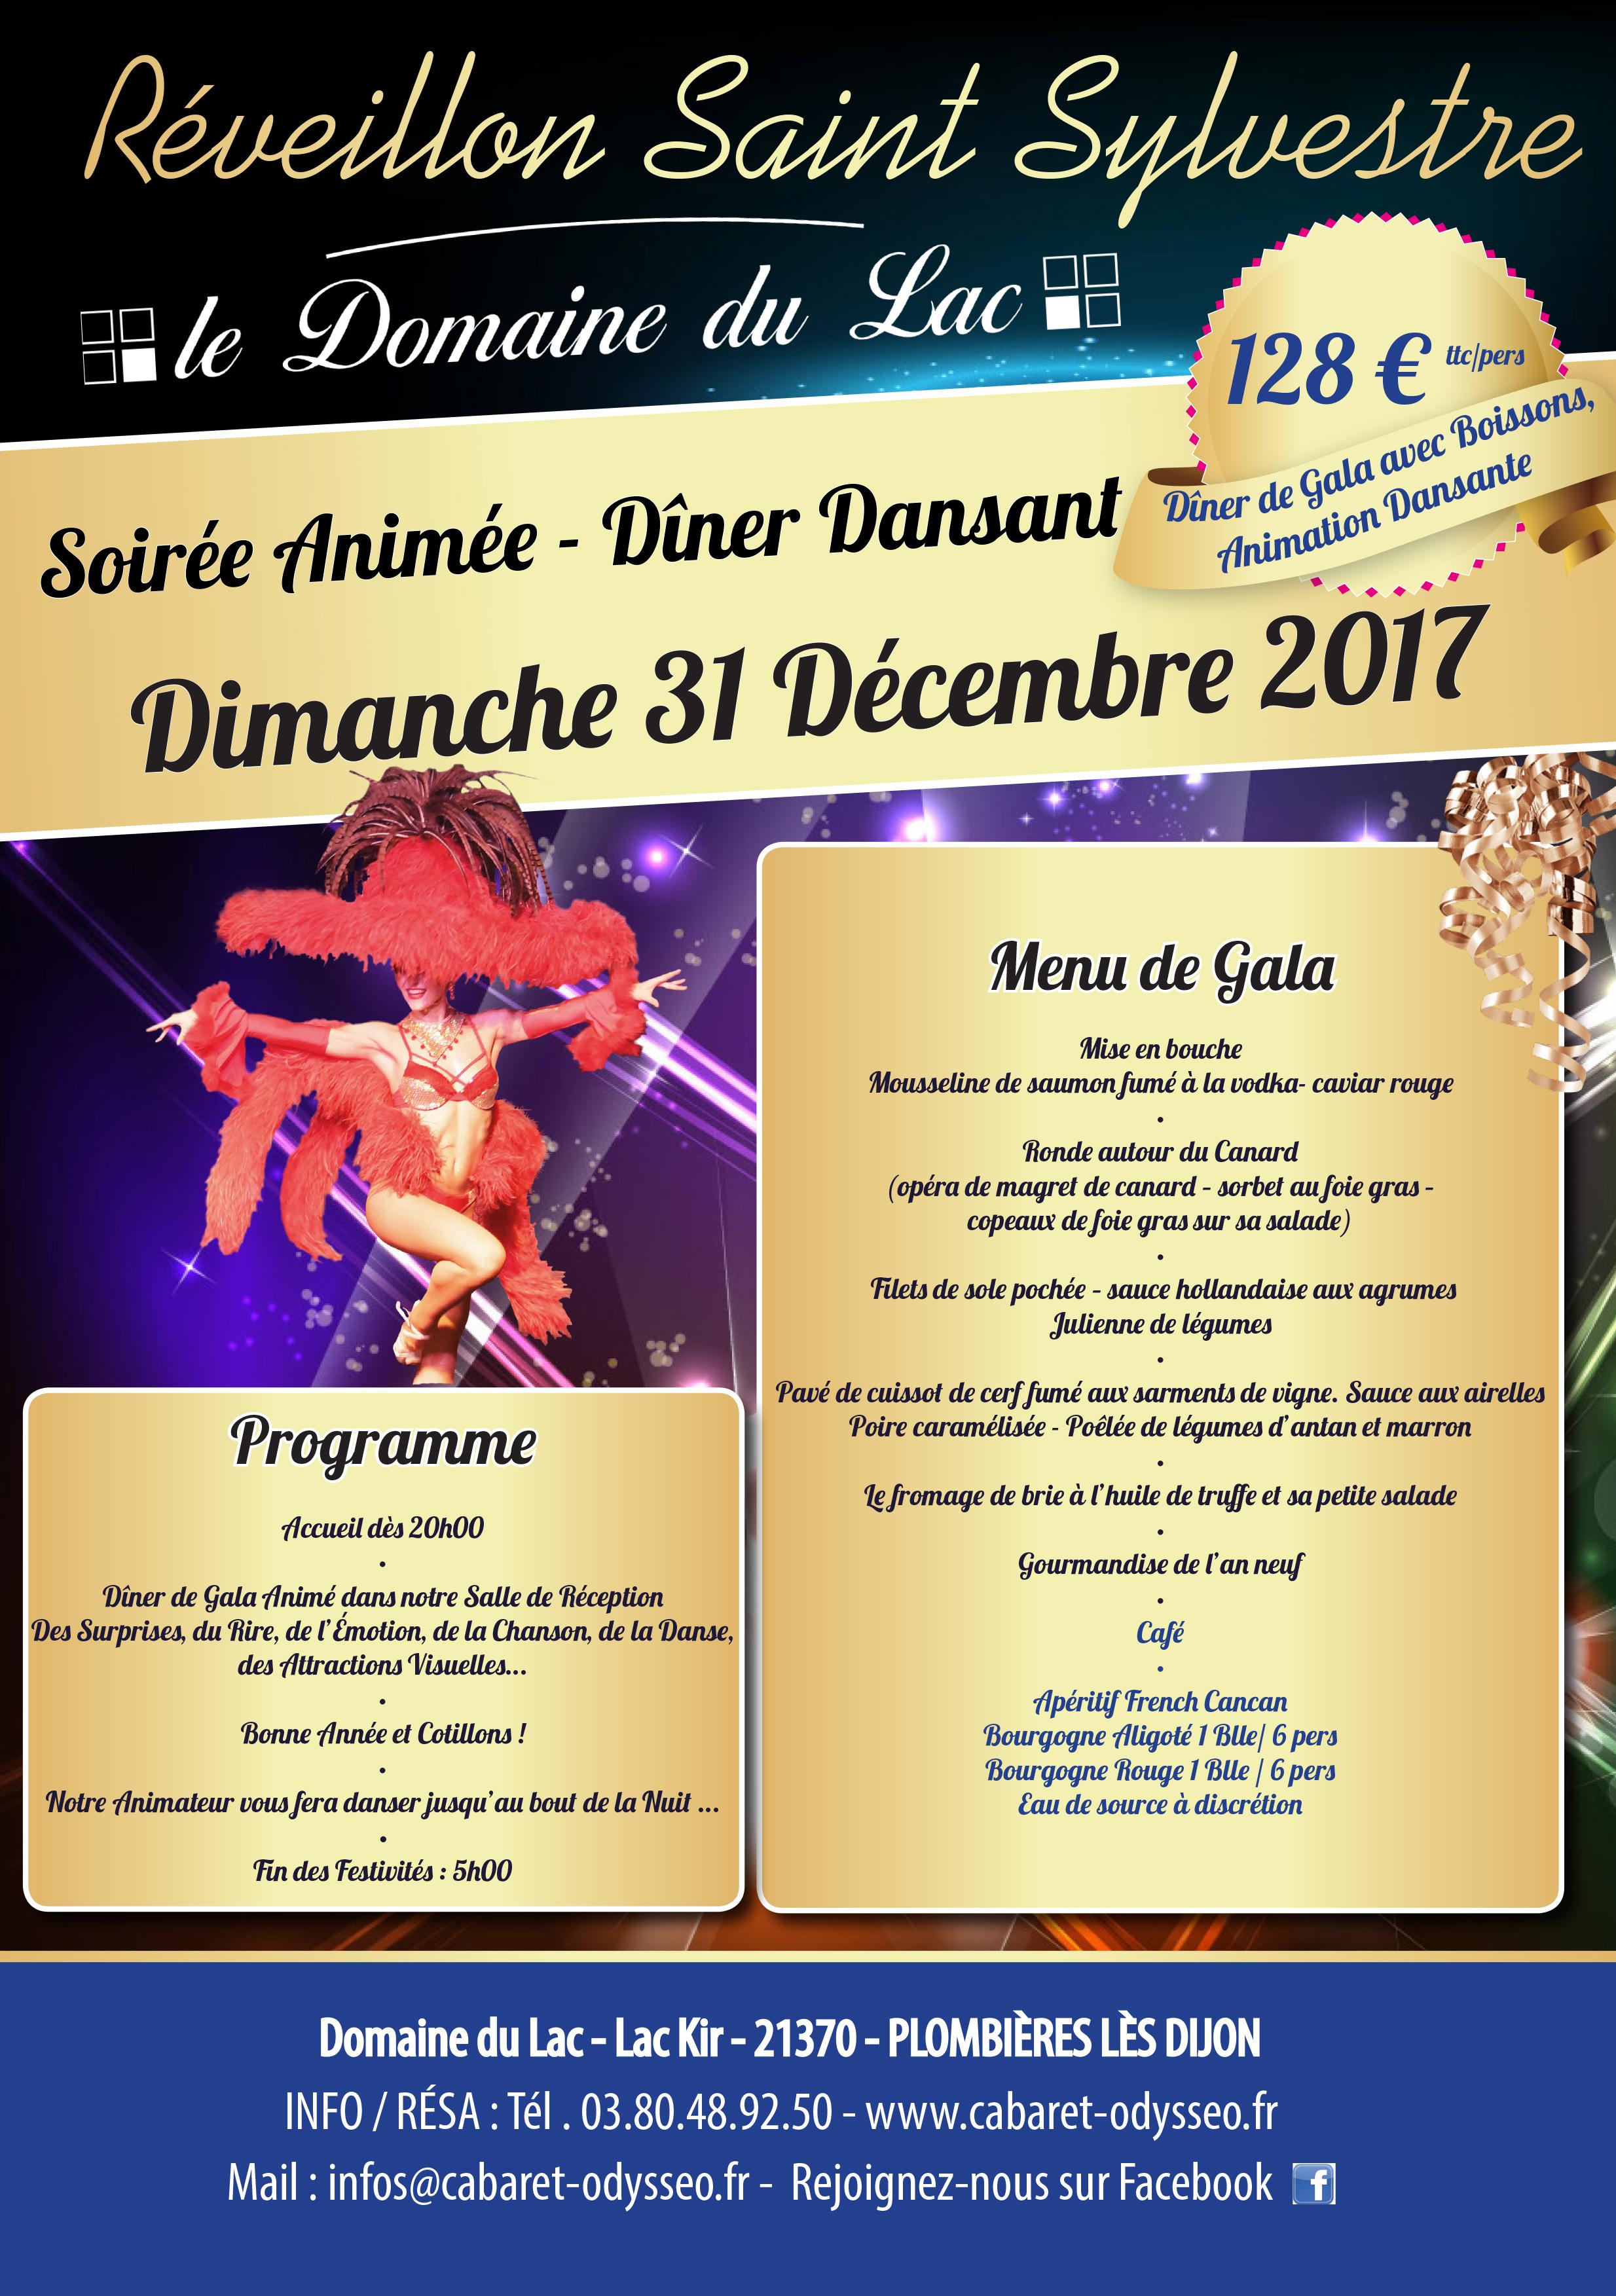 Offre Spéciale 31 Décembre Domaine du Lac Animation repas